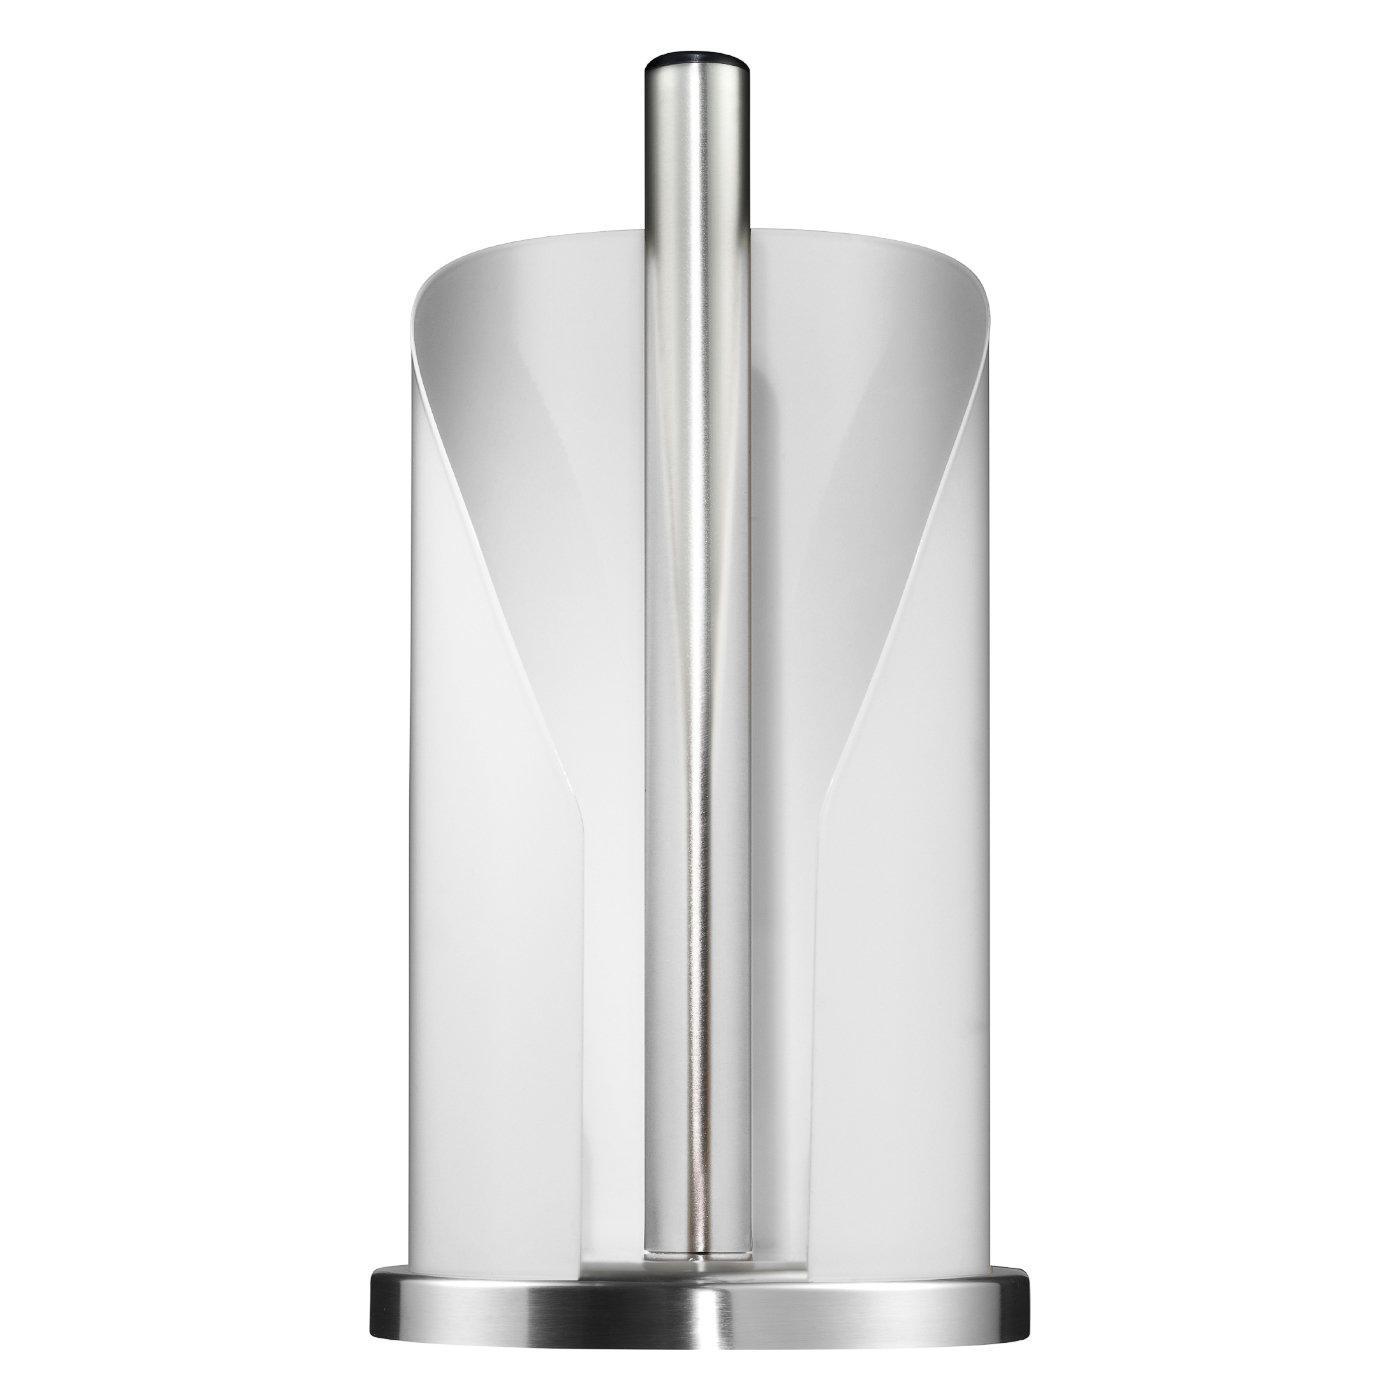 WESCO Küchenrollenhalter 30cm Ø15,5cm weiß